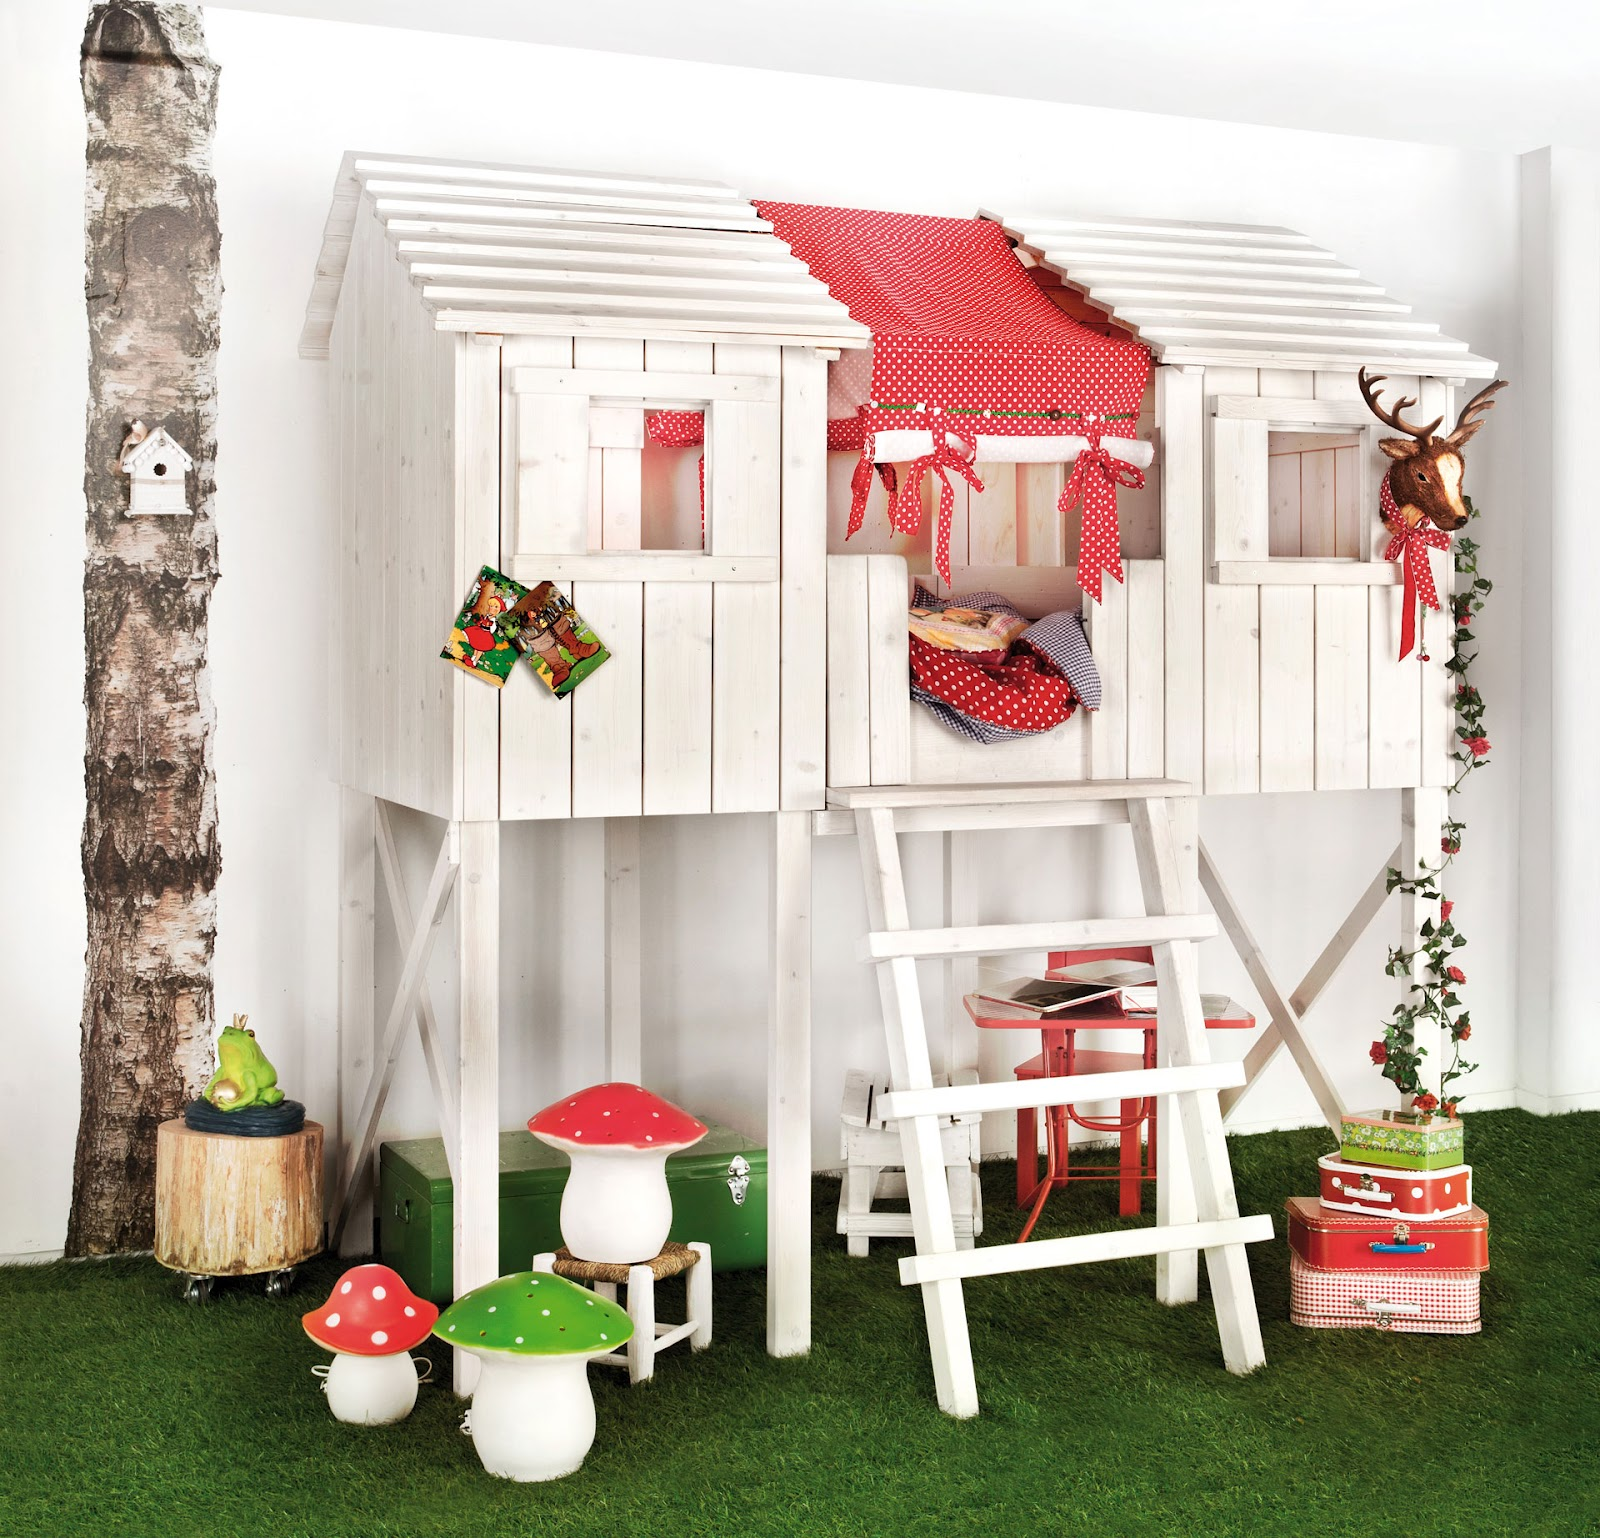 Dormitorios de ni os para espacios peque os decoracion - Dormitorios para nino ...